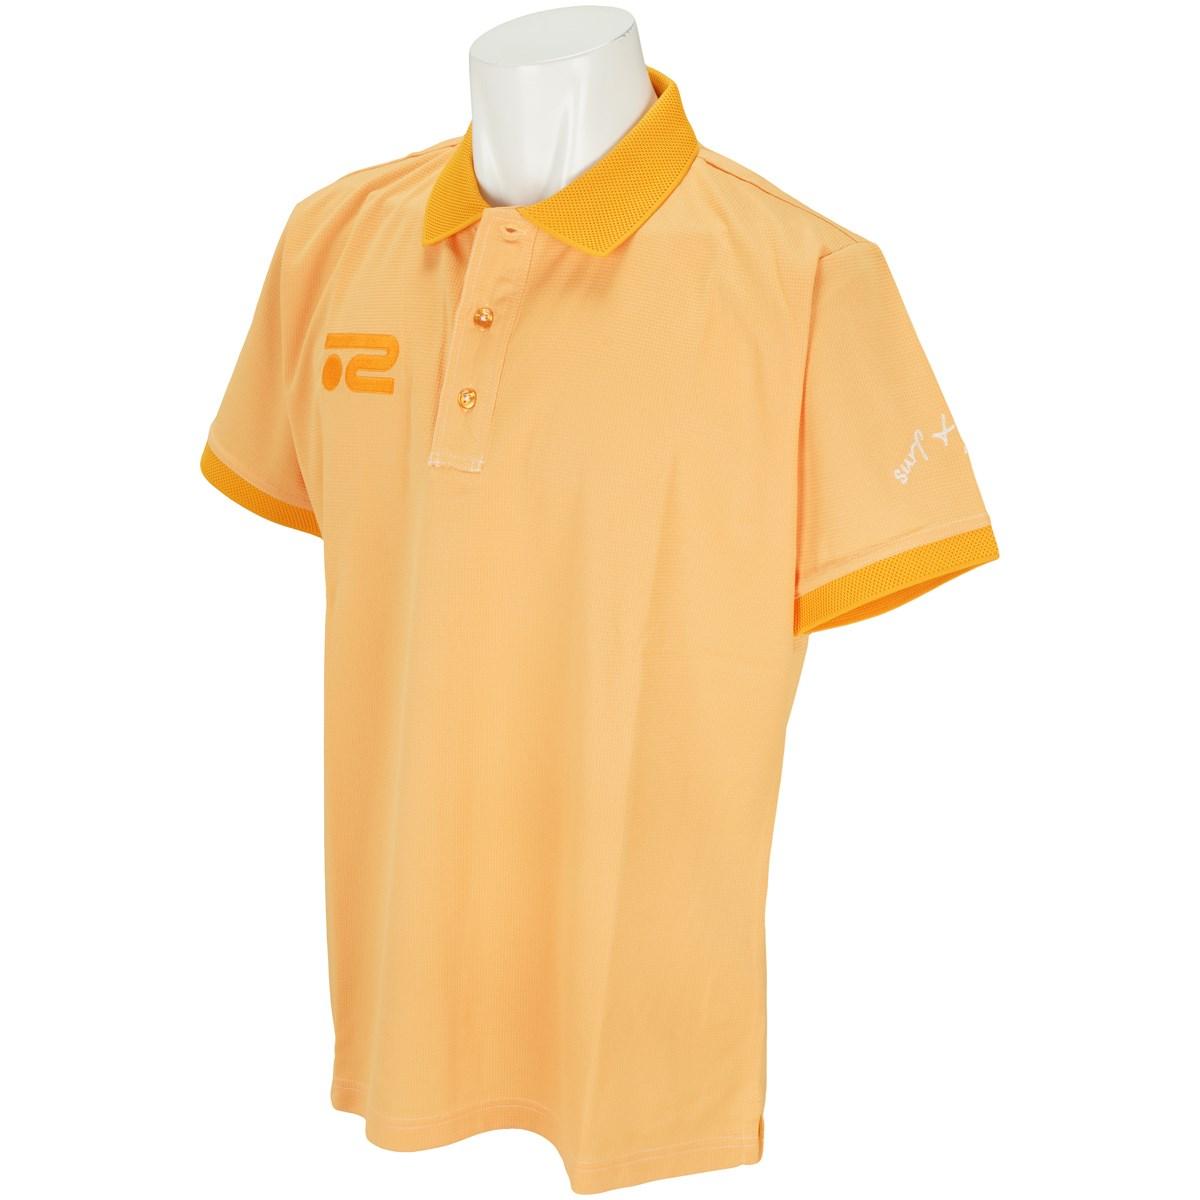 ロサーセン ROSASEN 半袖ポロシャツ 48 オレンジ